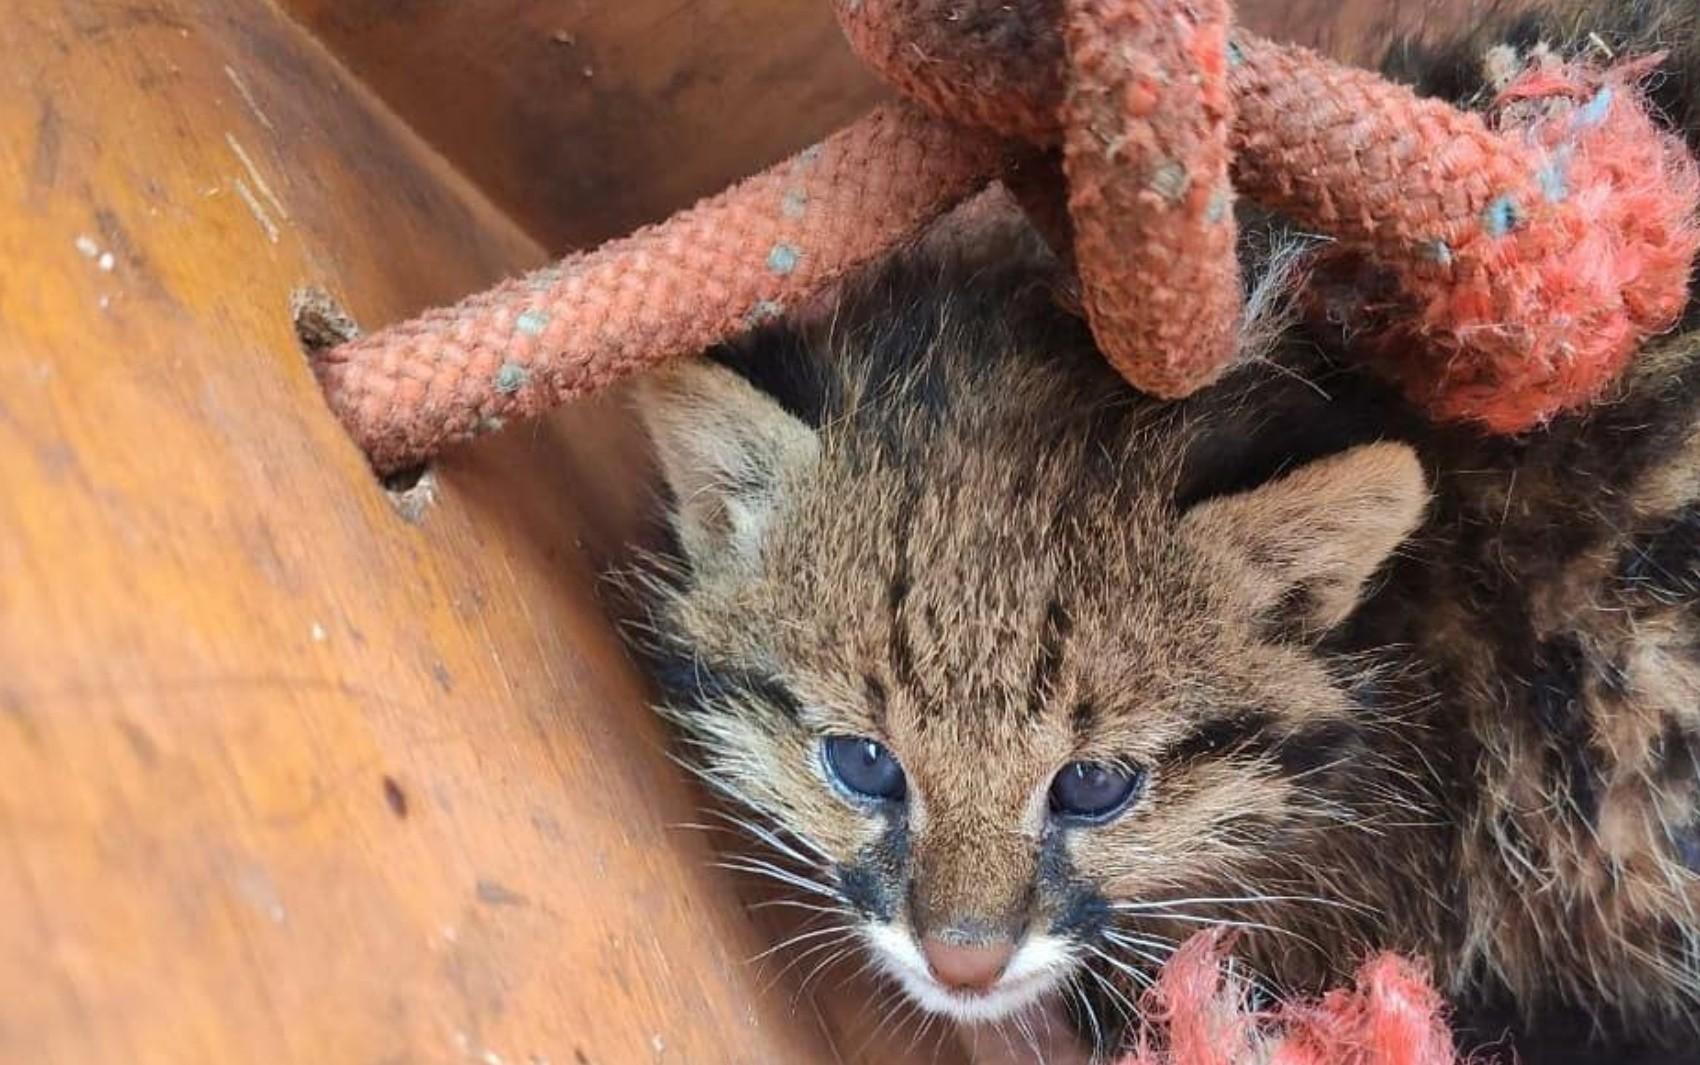 Filhote de gato-do-mato é resgatado em mata atingida por fogo, em Santa Helena de Goiás